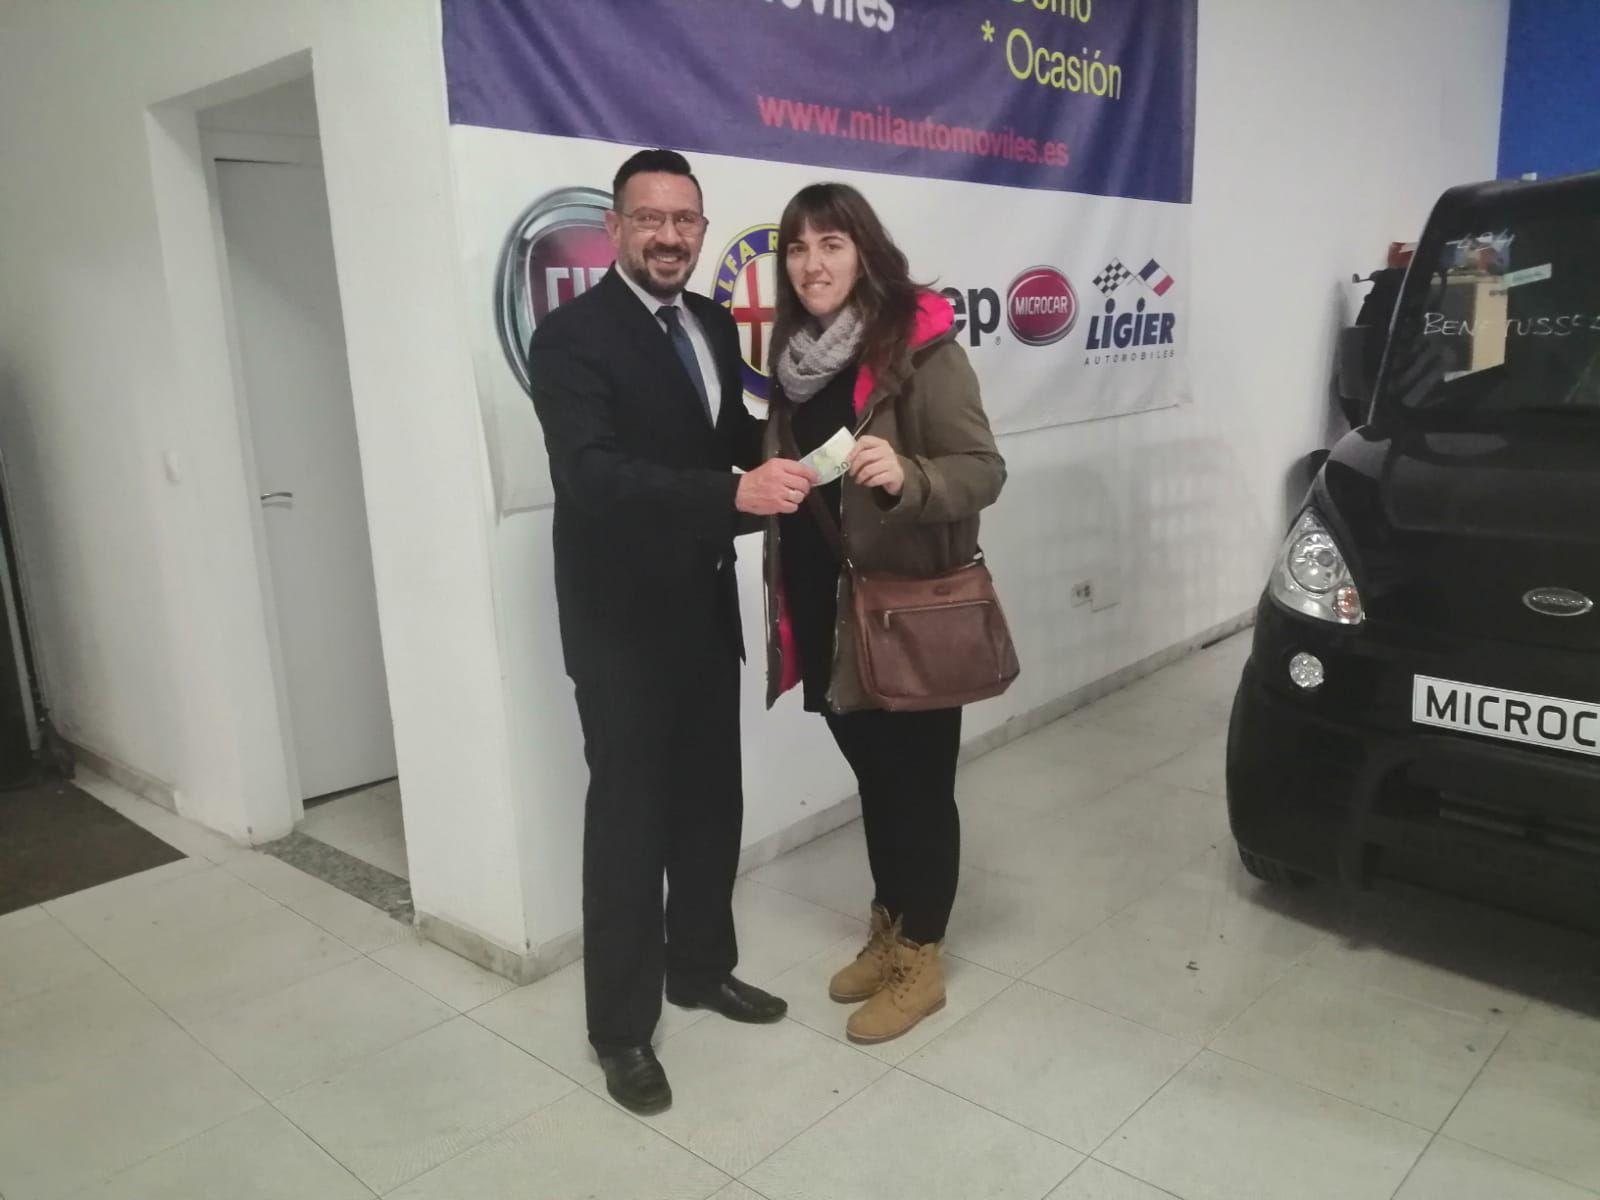 Milautomóviles entrega el premio a Desiré